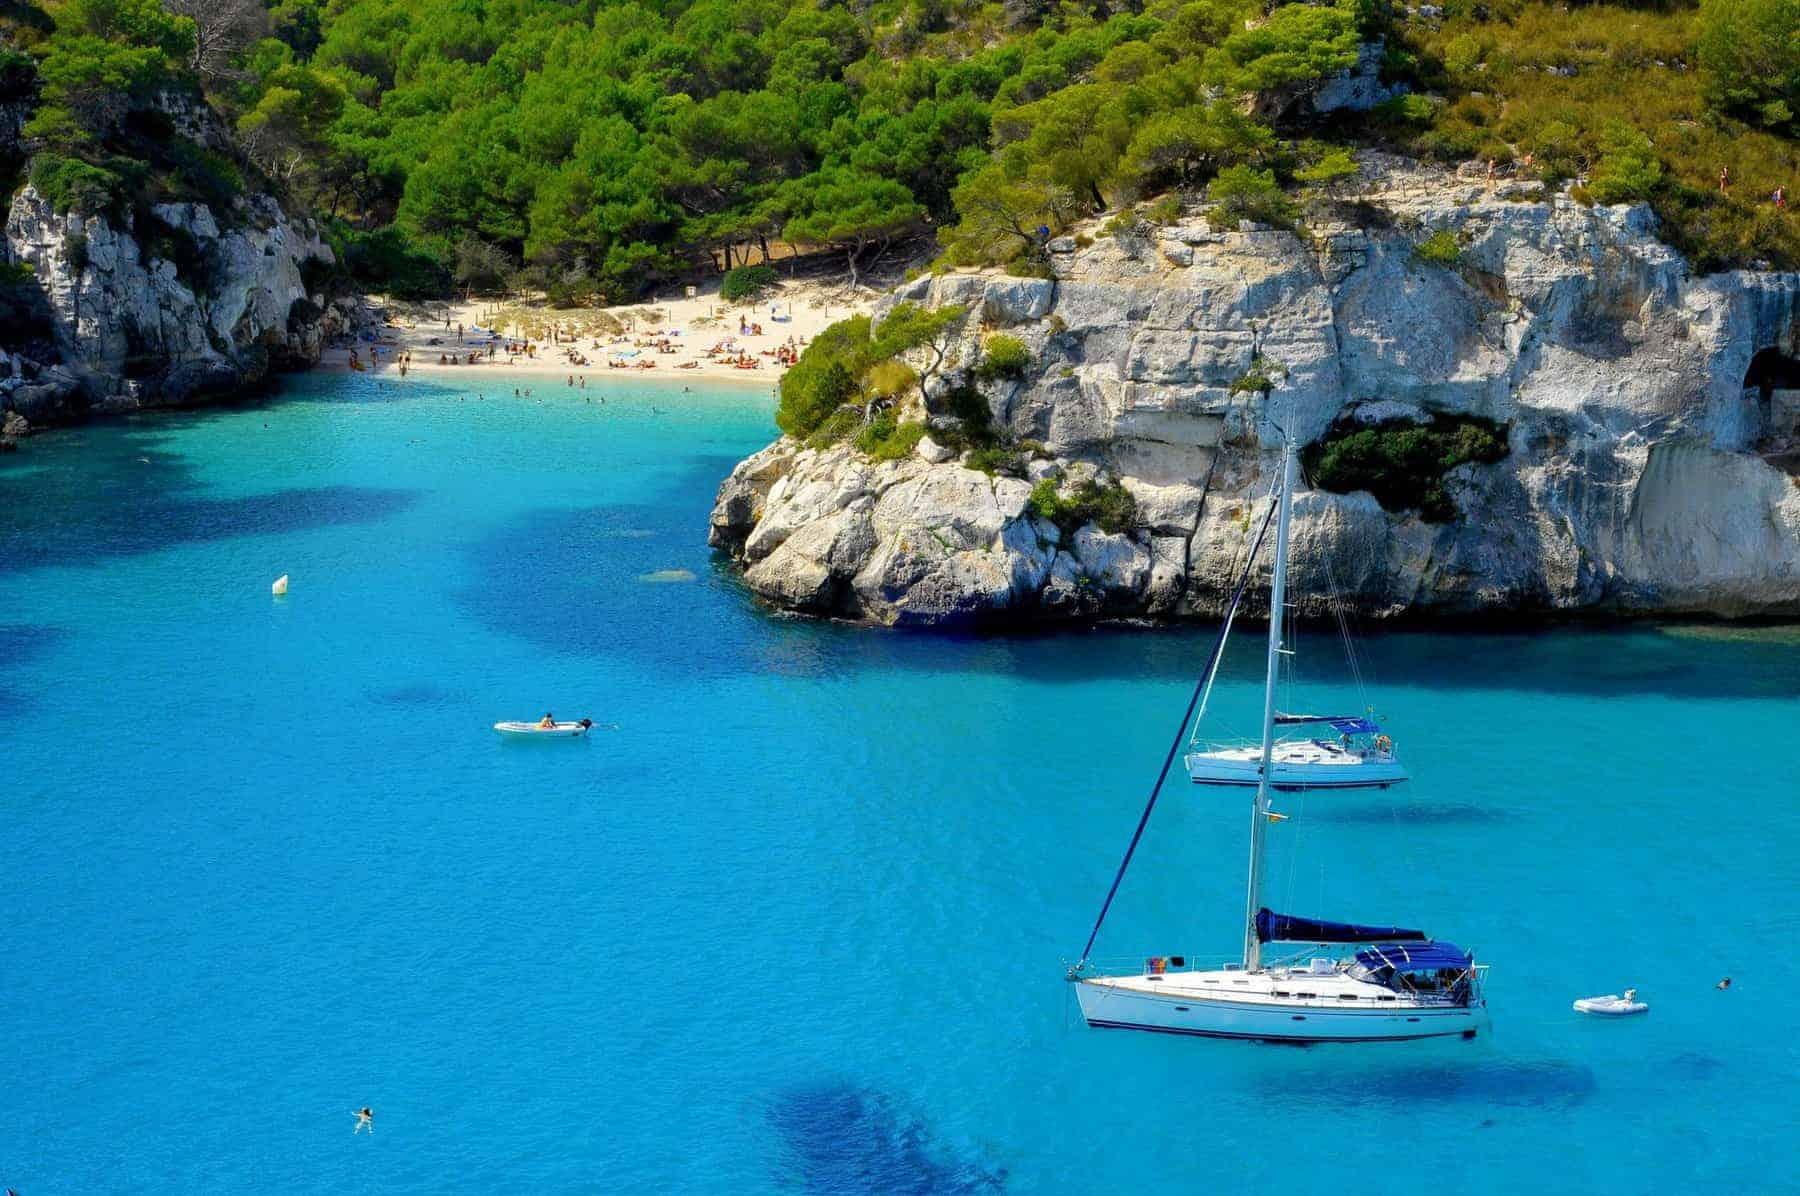 Macarelleta beach in Menorca, Balearic Islands, Spain